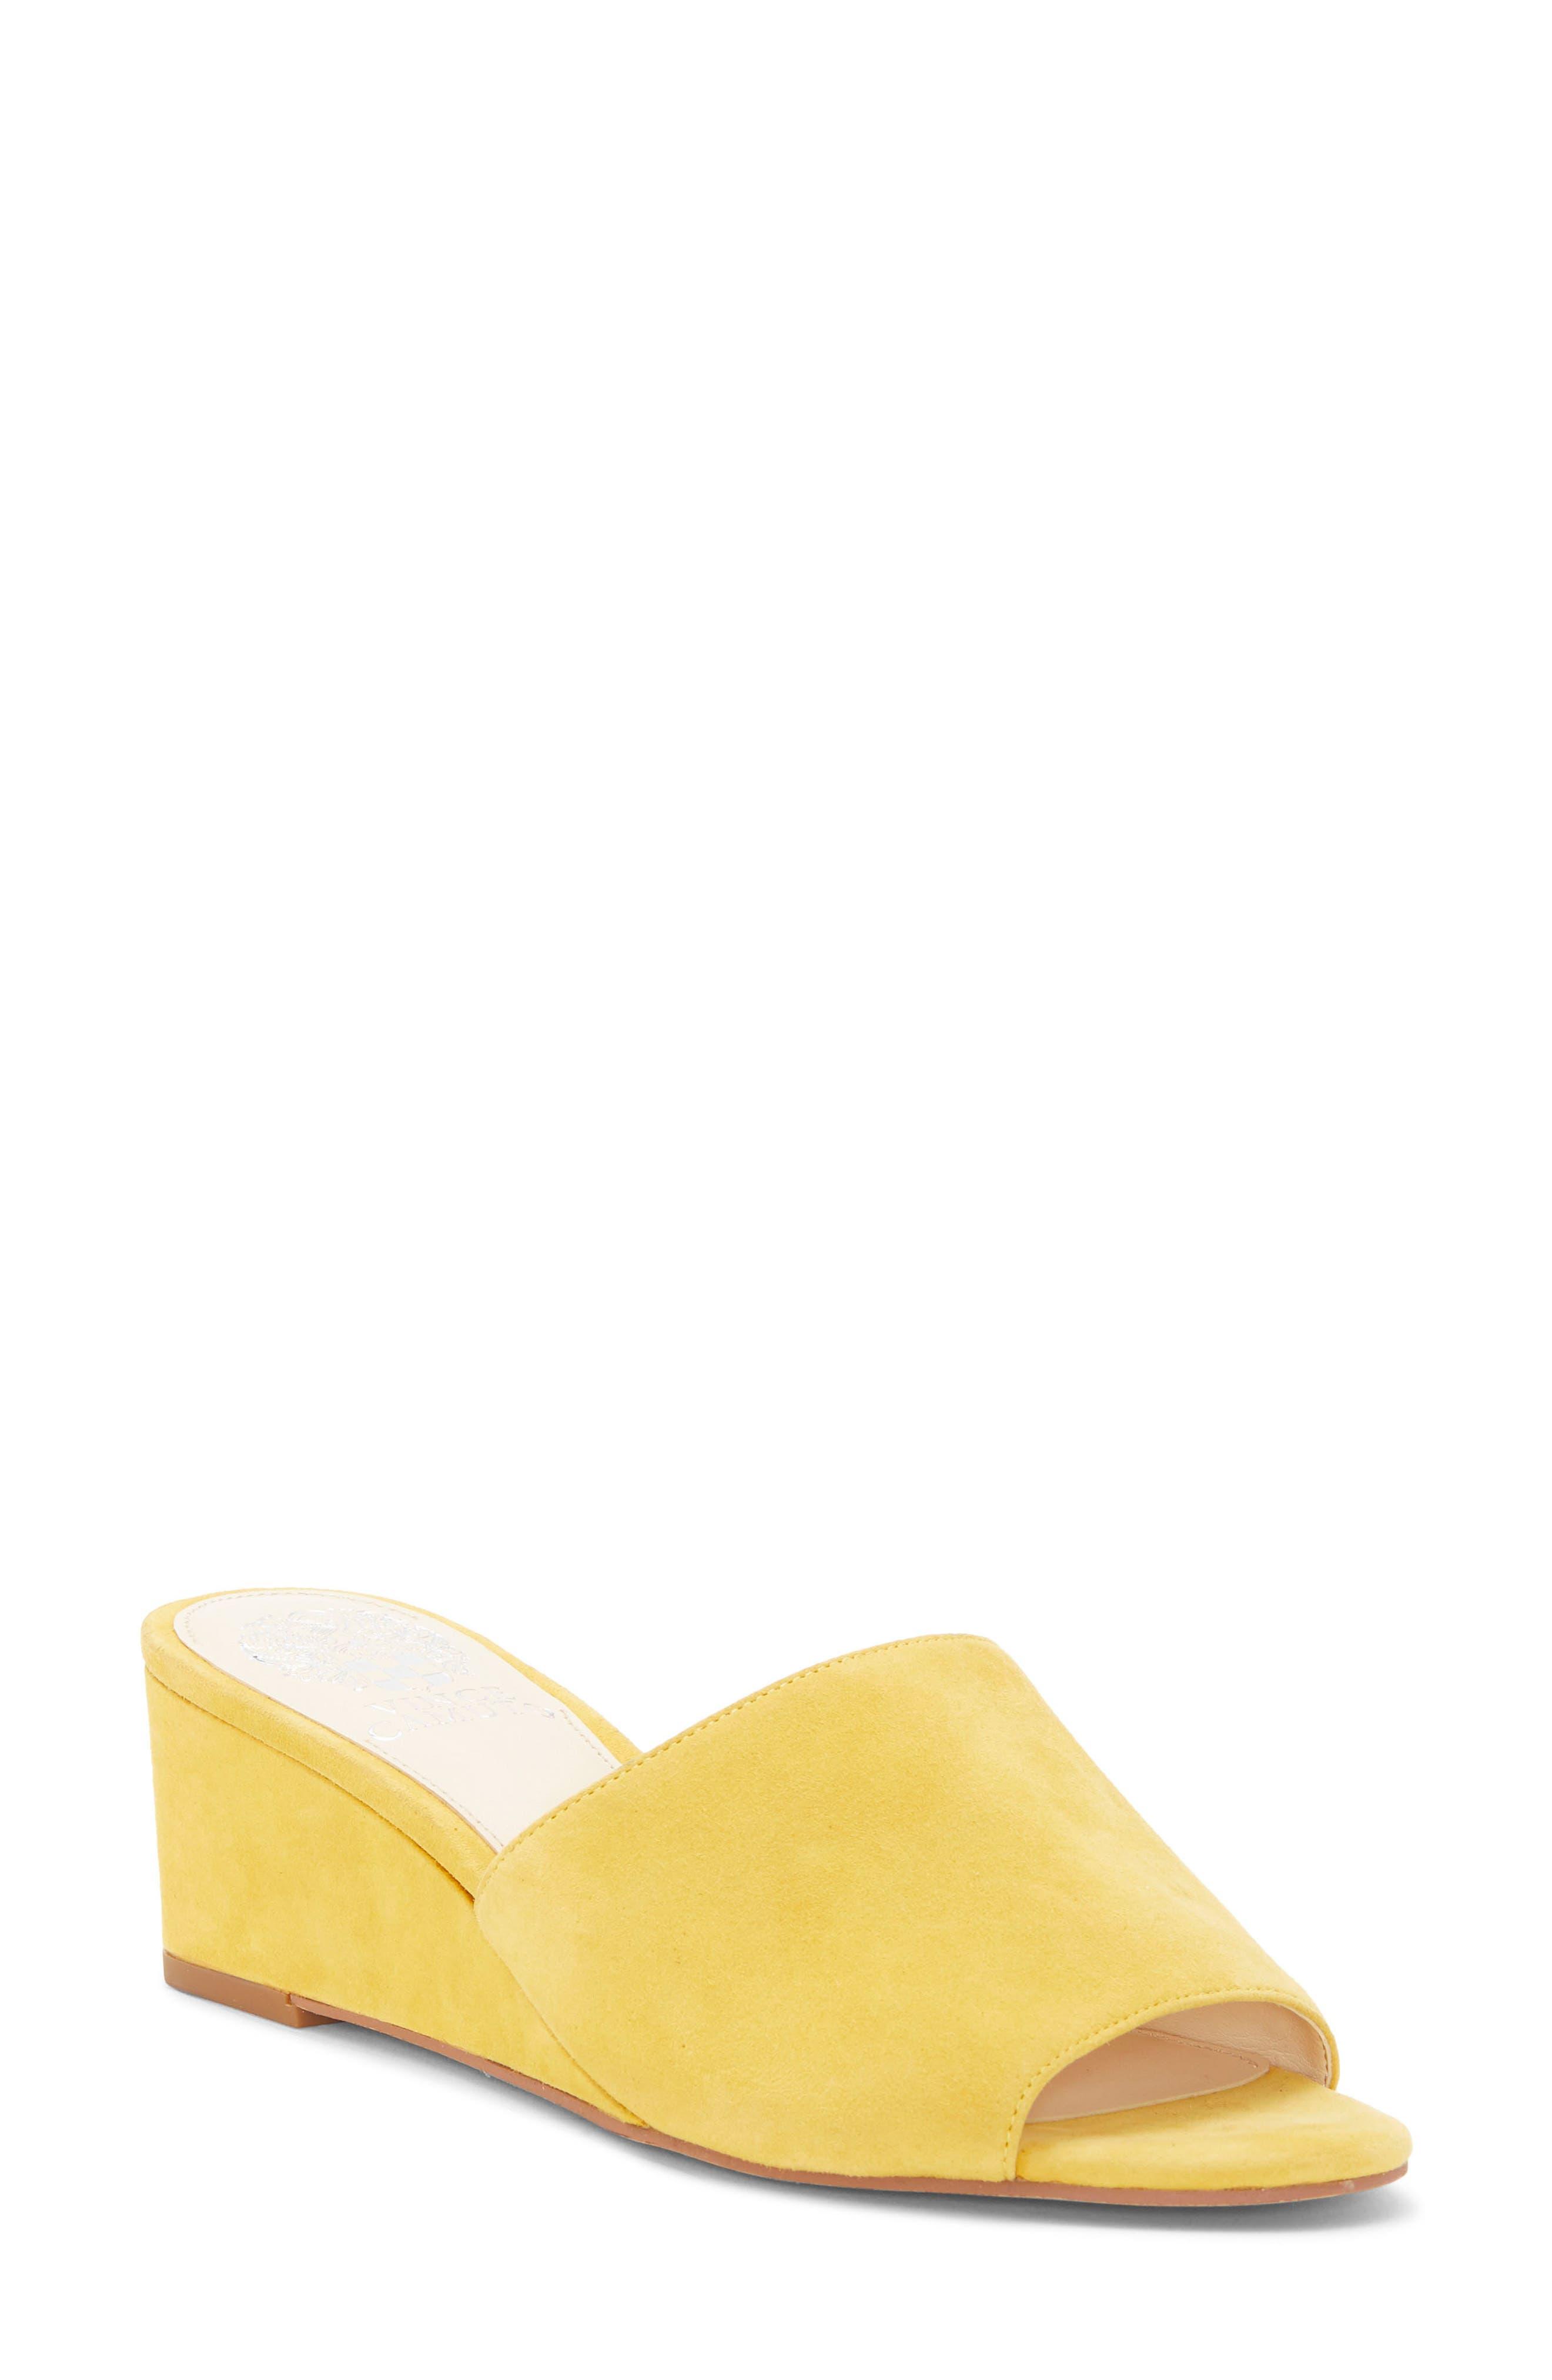 Vince Camuto Sandals Stephena Wedge Slide Sandal